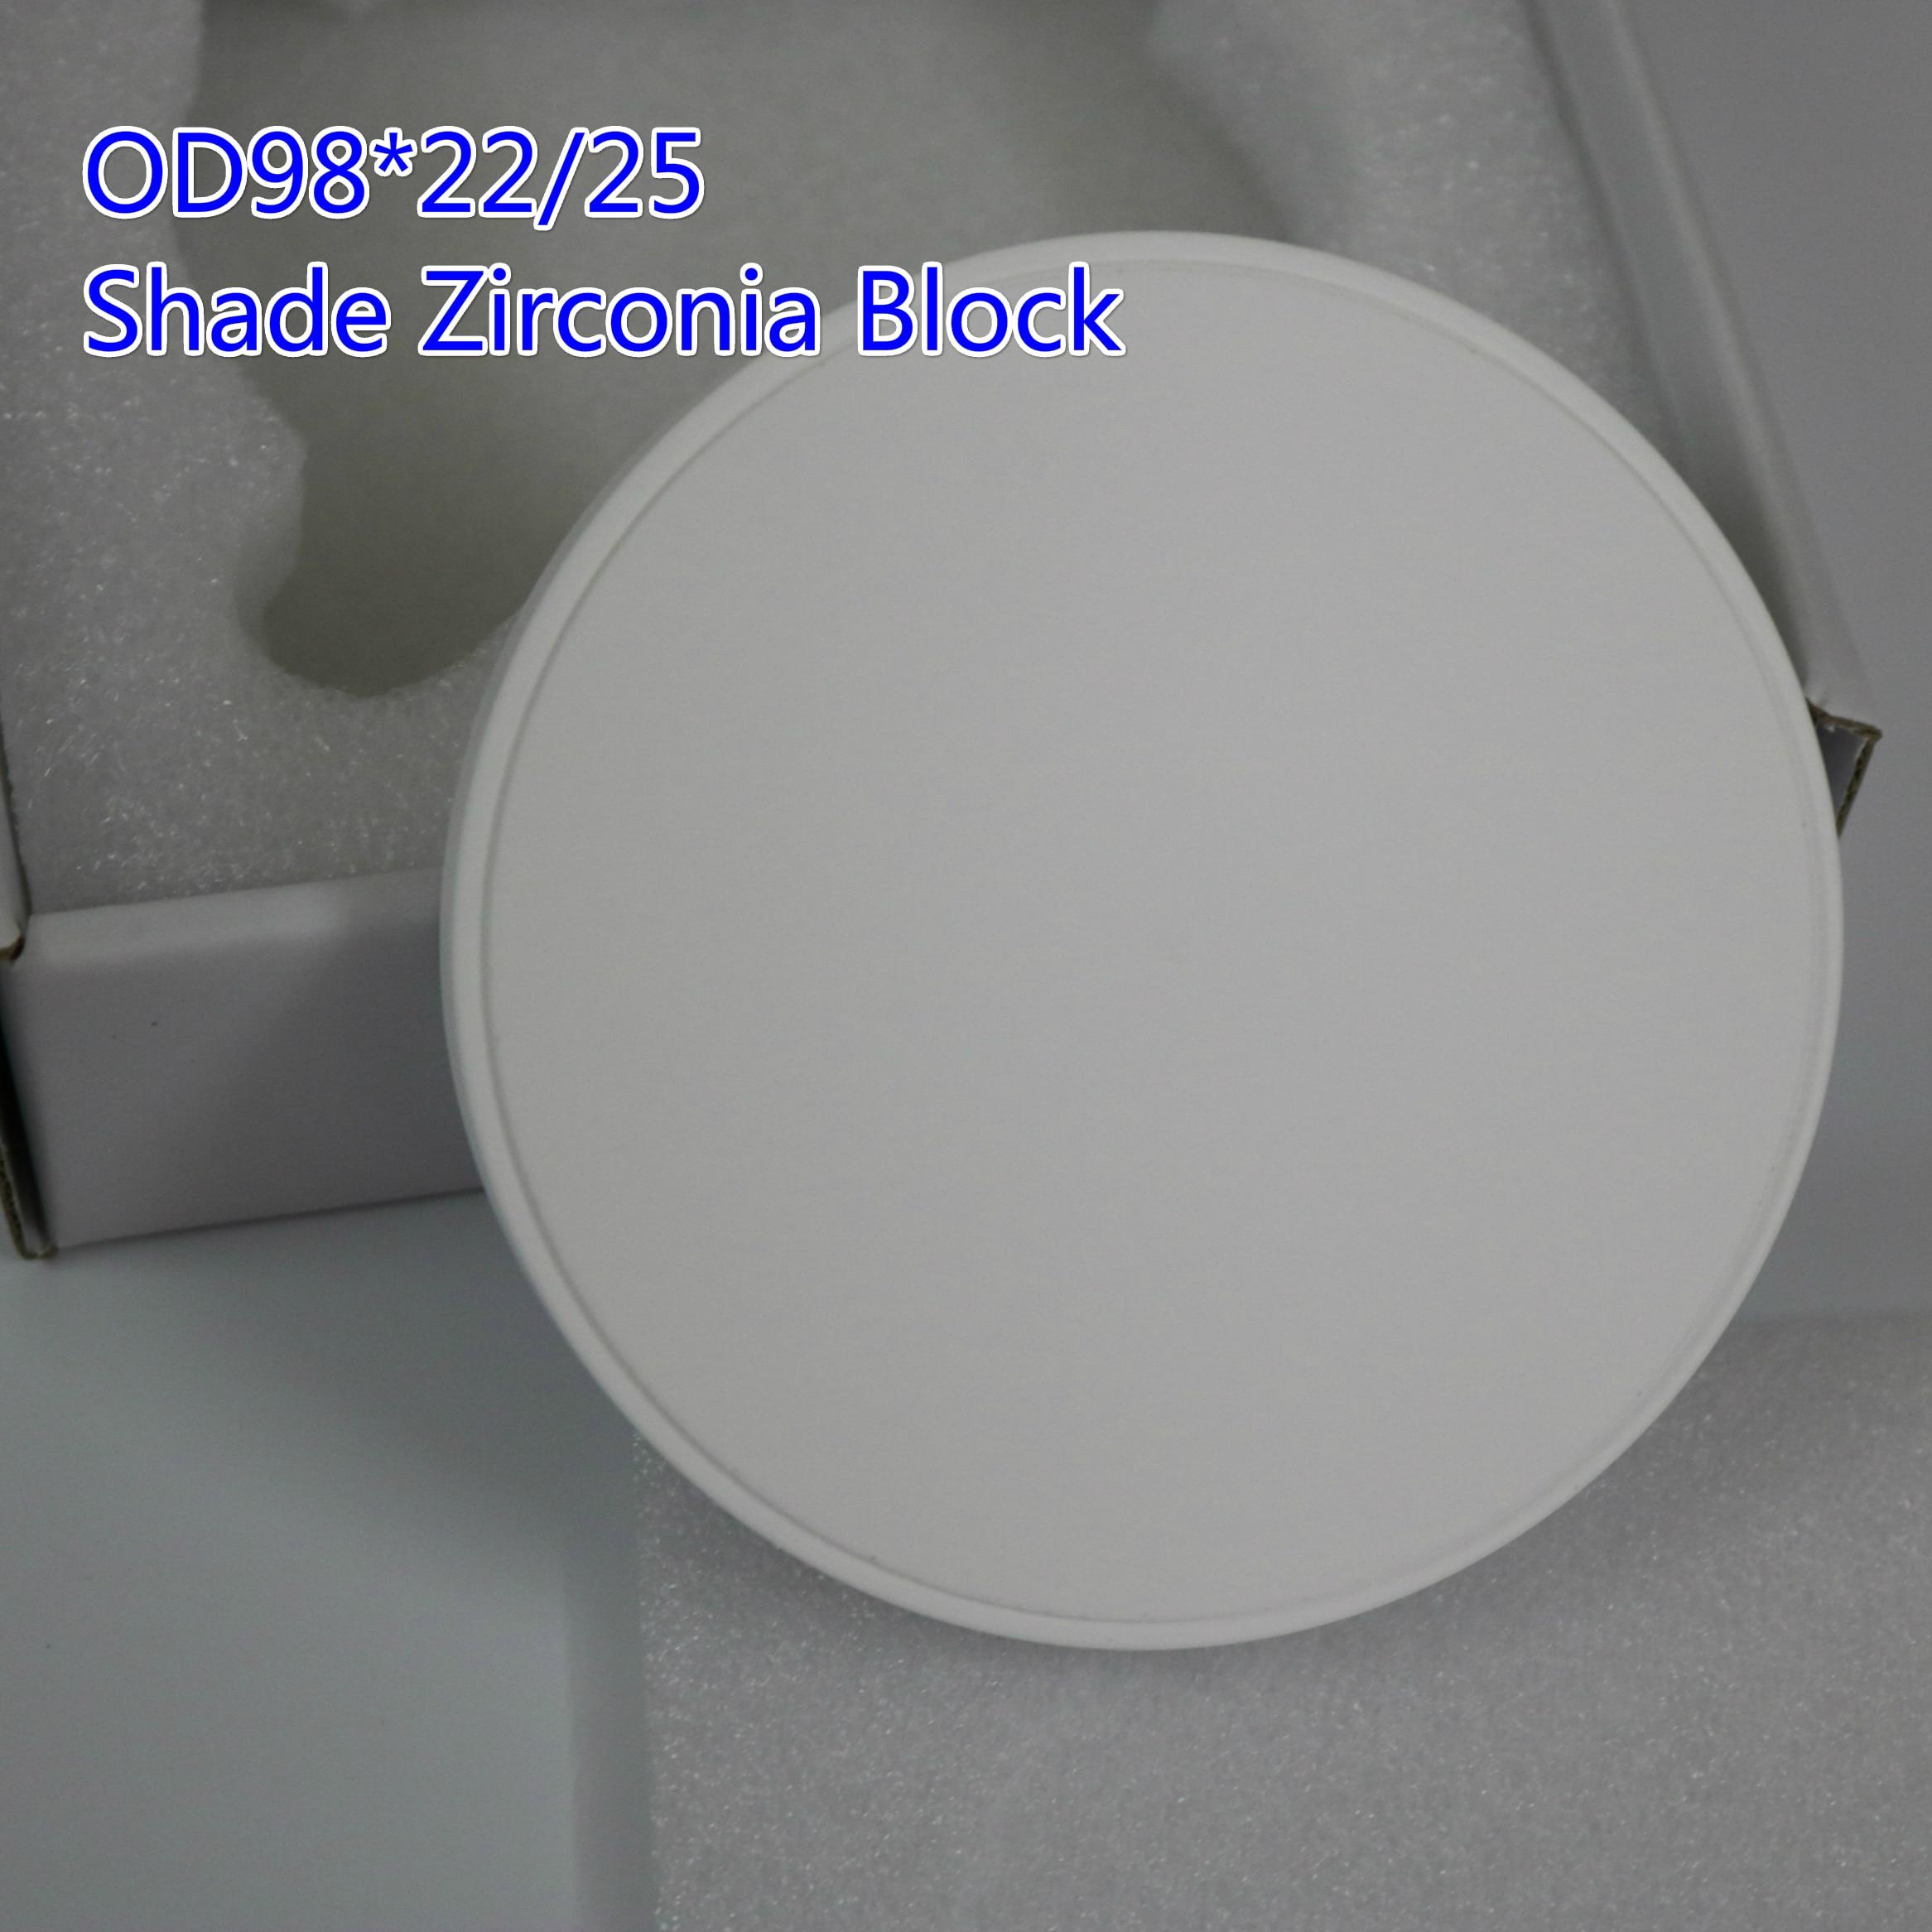 Abat-jour dentaire zircone blocs Zirconium disque Preshade zircone disques bloc CADCAM pour faire des dents en céramique de porcelaine